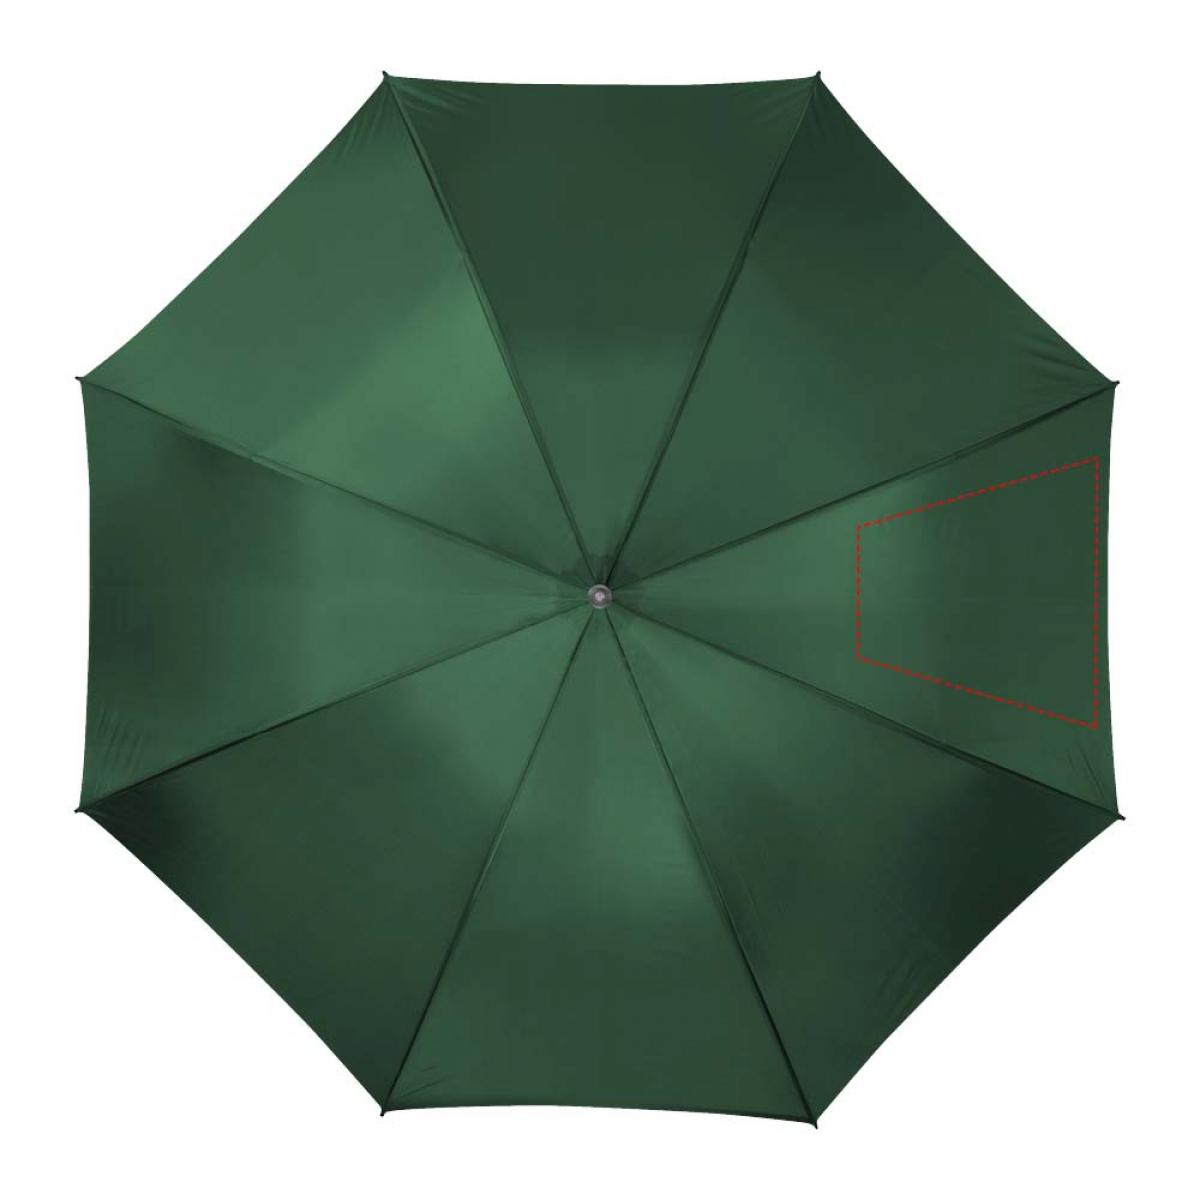 Paraplu met metalen stok - 3de paneel